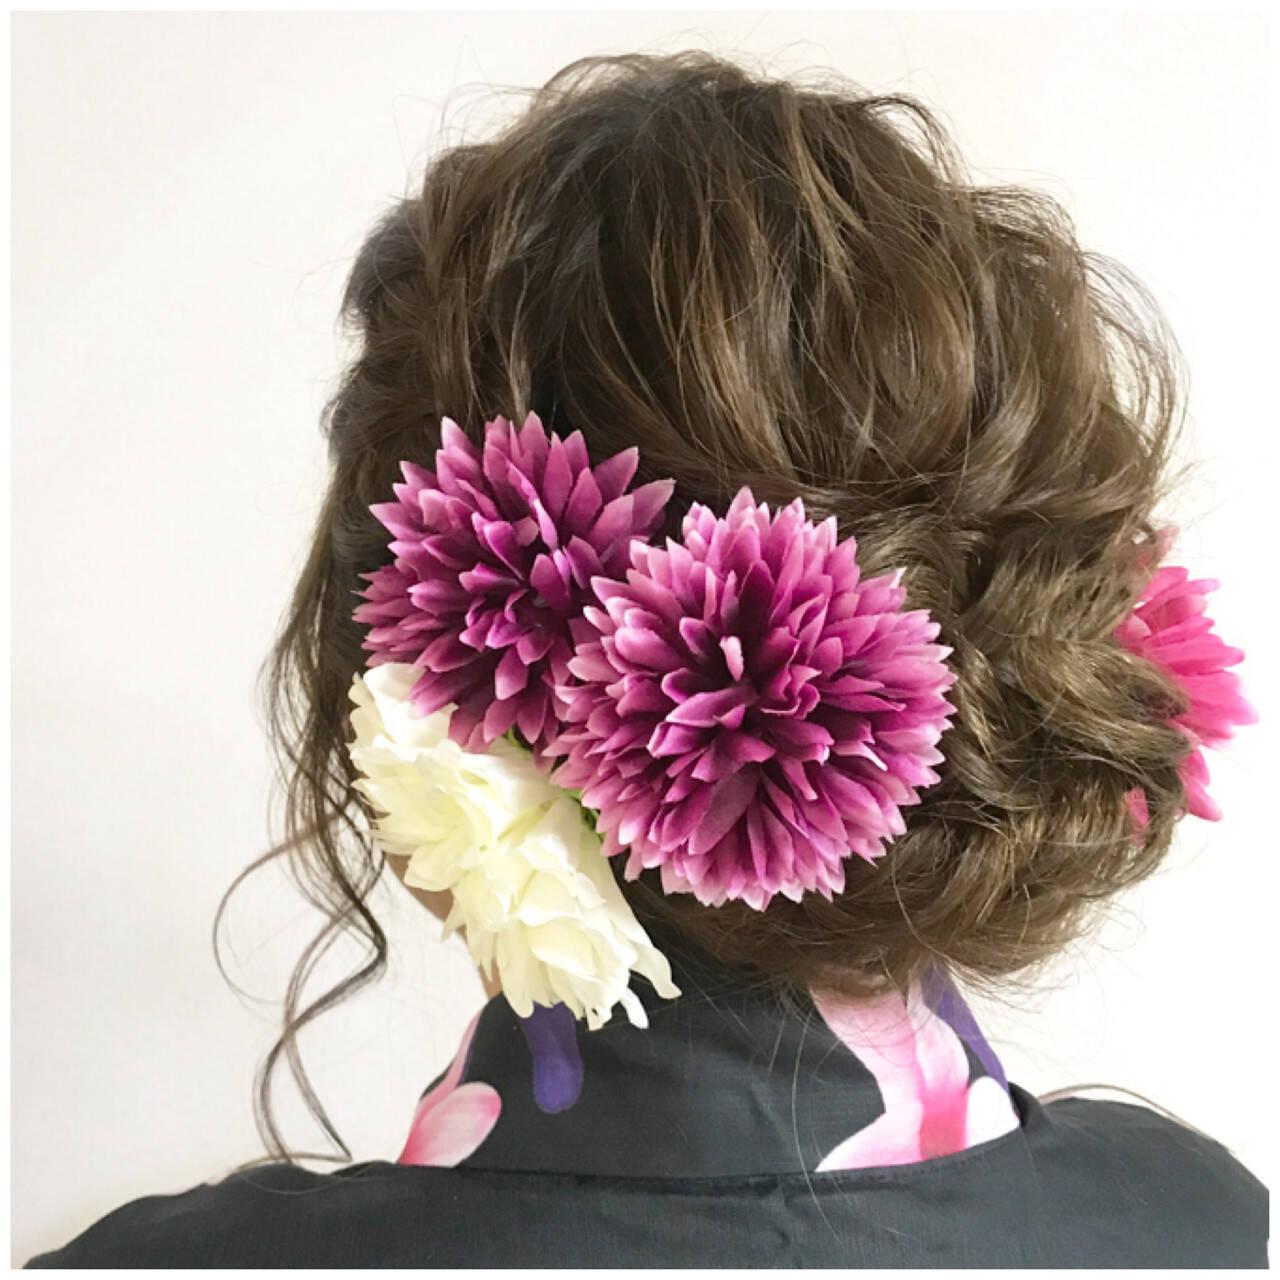 和装 まとめ髪 フェミニン ヘアアレンジヘアスタイルや髪型の写真・画像